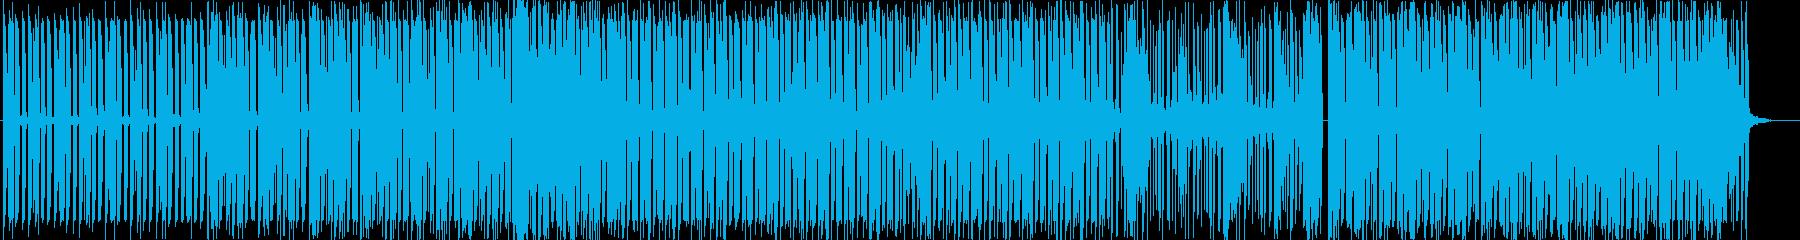 スタイリッシュで前向きなエレクトロBGMの再生済みの波形